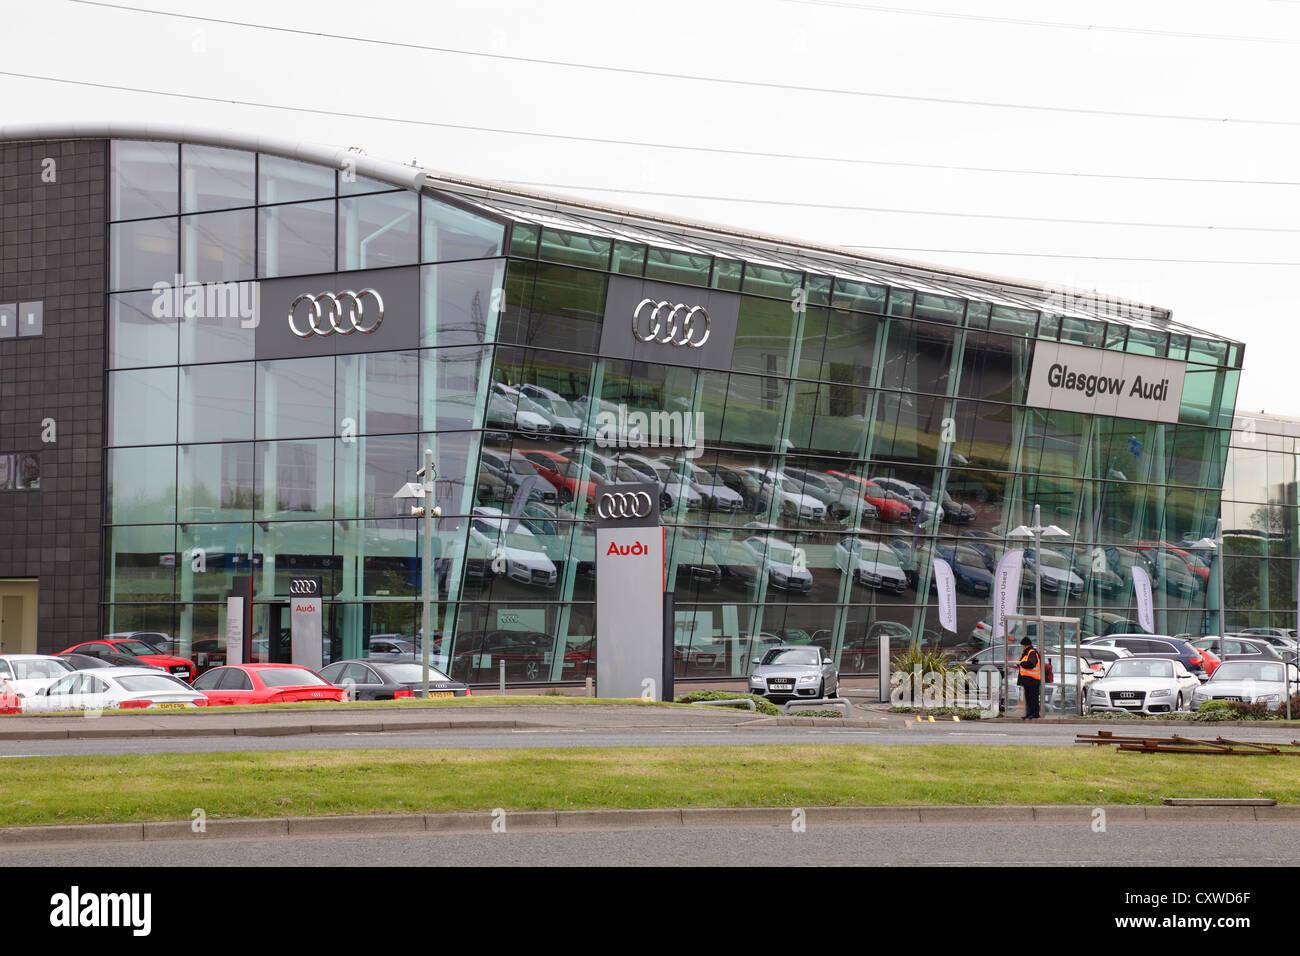 The Glasgow Audi Car Dealership, Scotland, UK - Stock Image